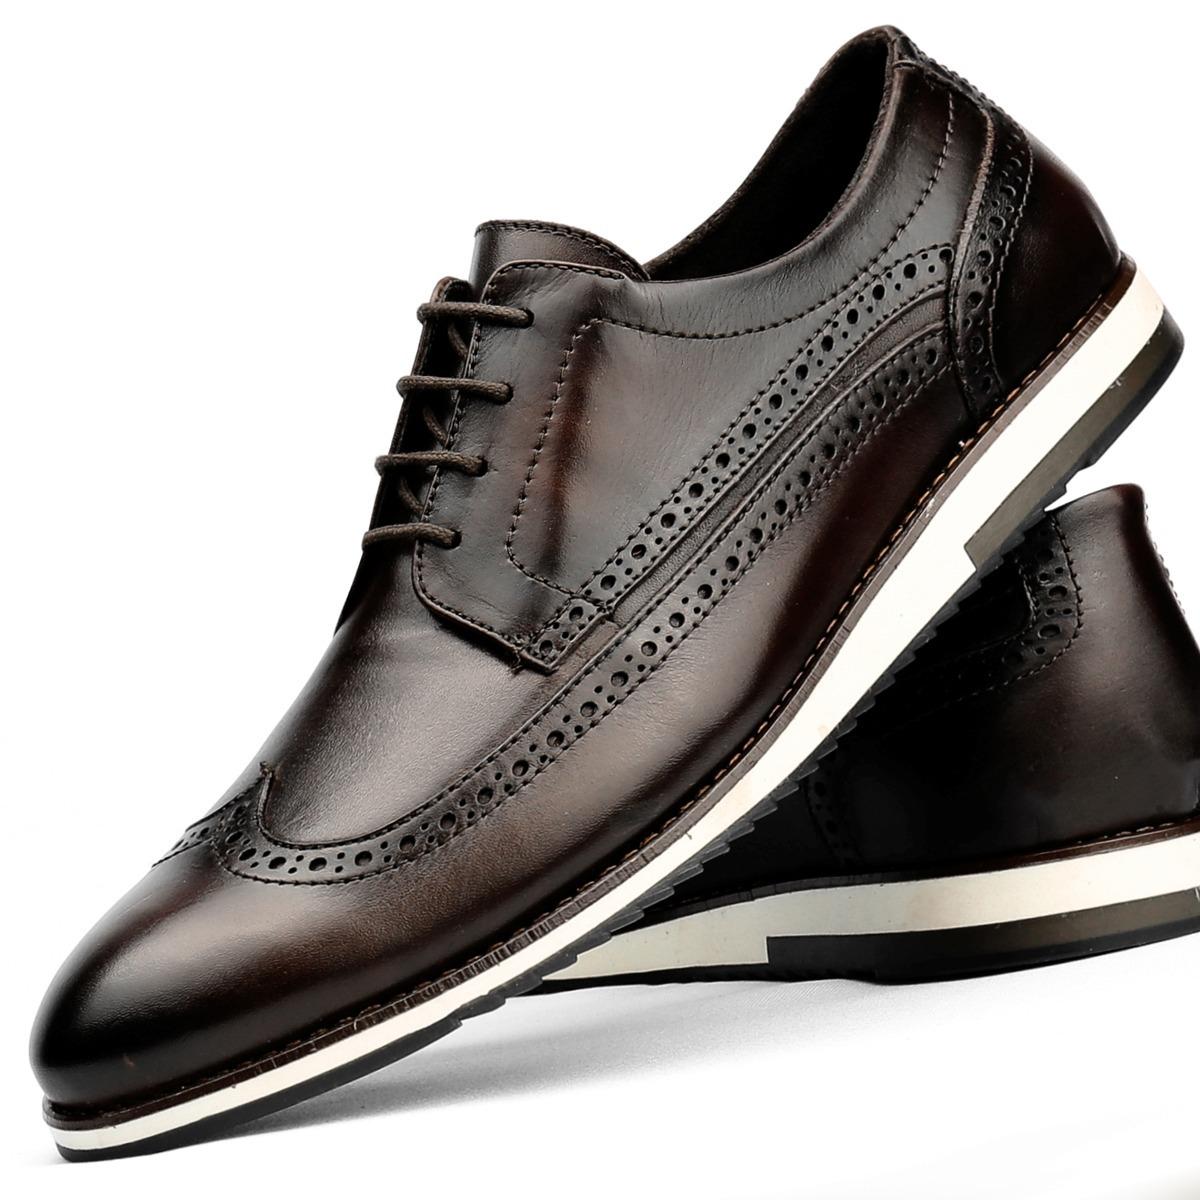 727d4c83100 sapato social casual masculino 100% couro oxford sapatenis. Carregando zoom.